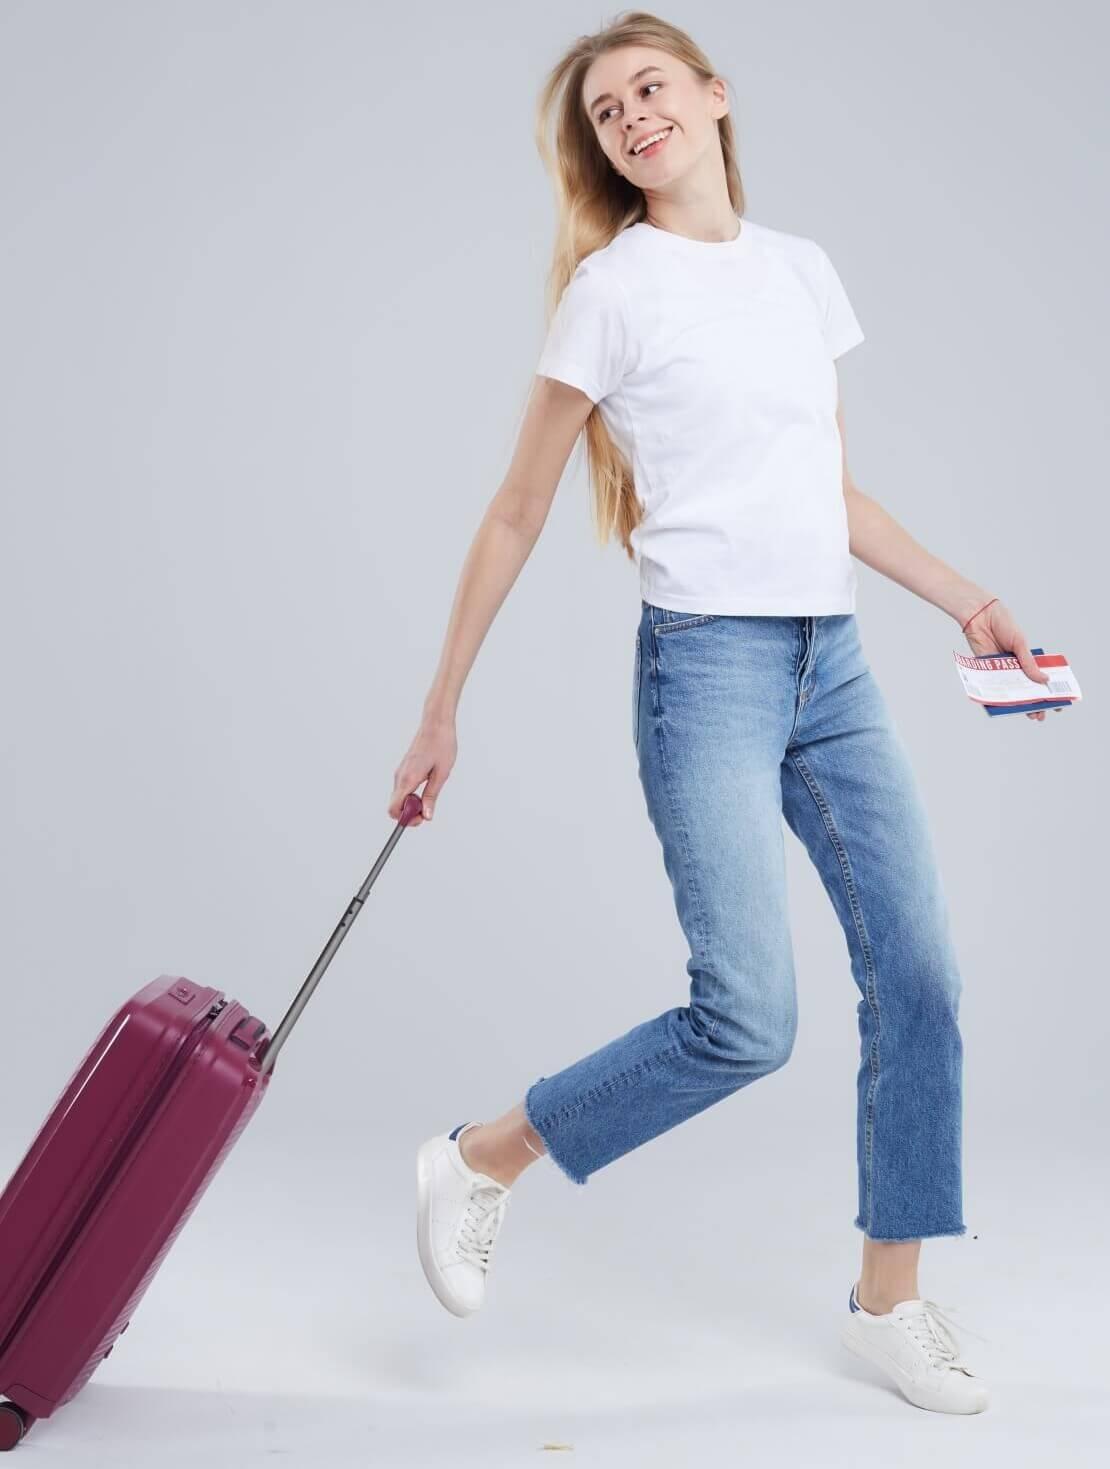 足早にスーツケースを引く女性